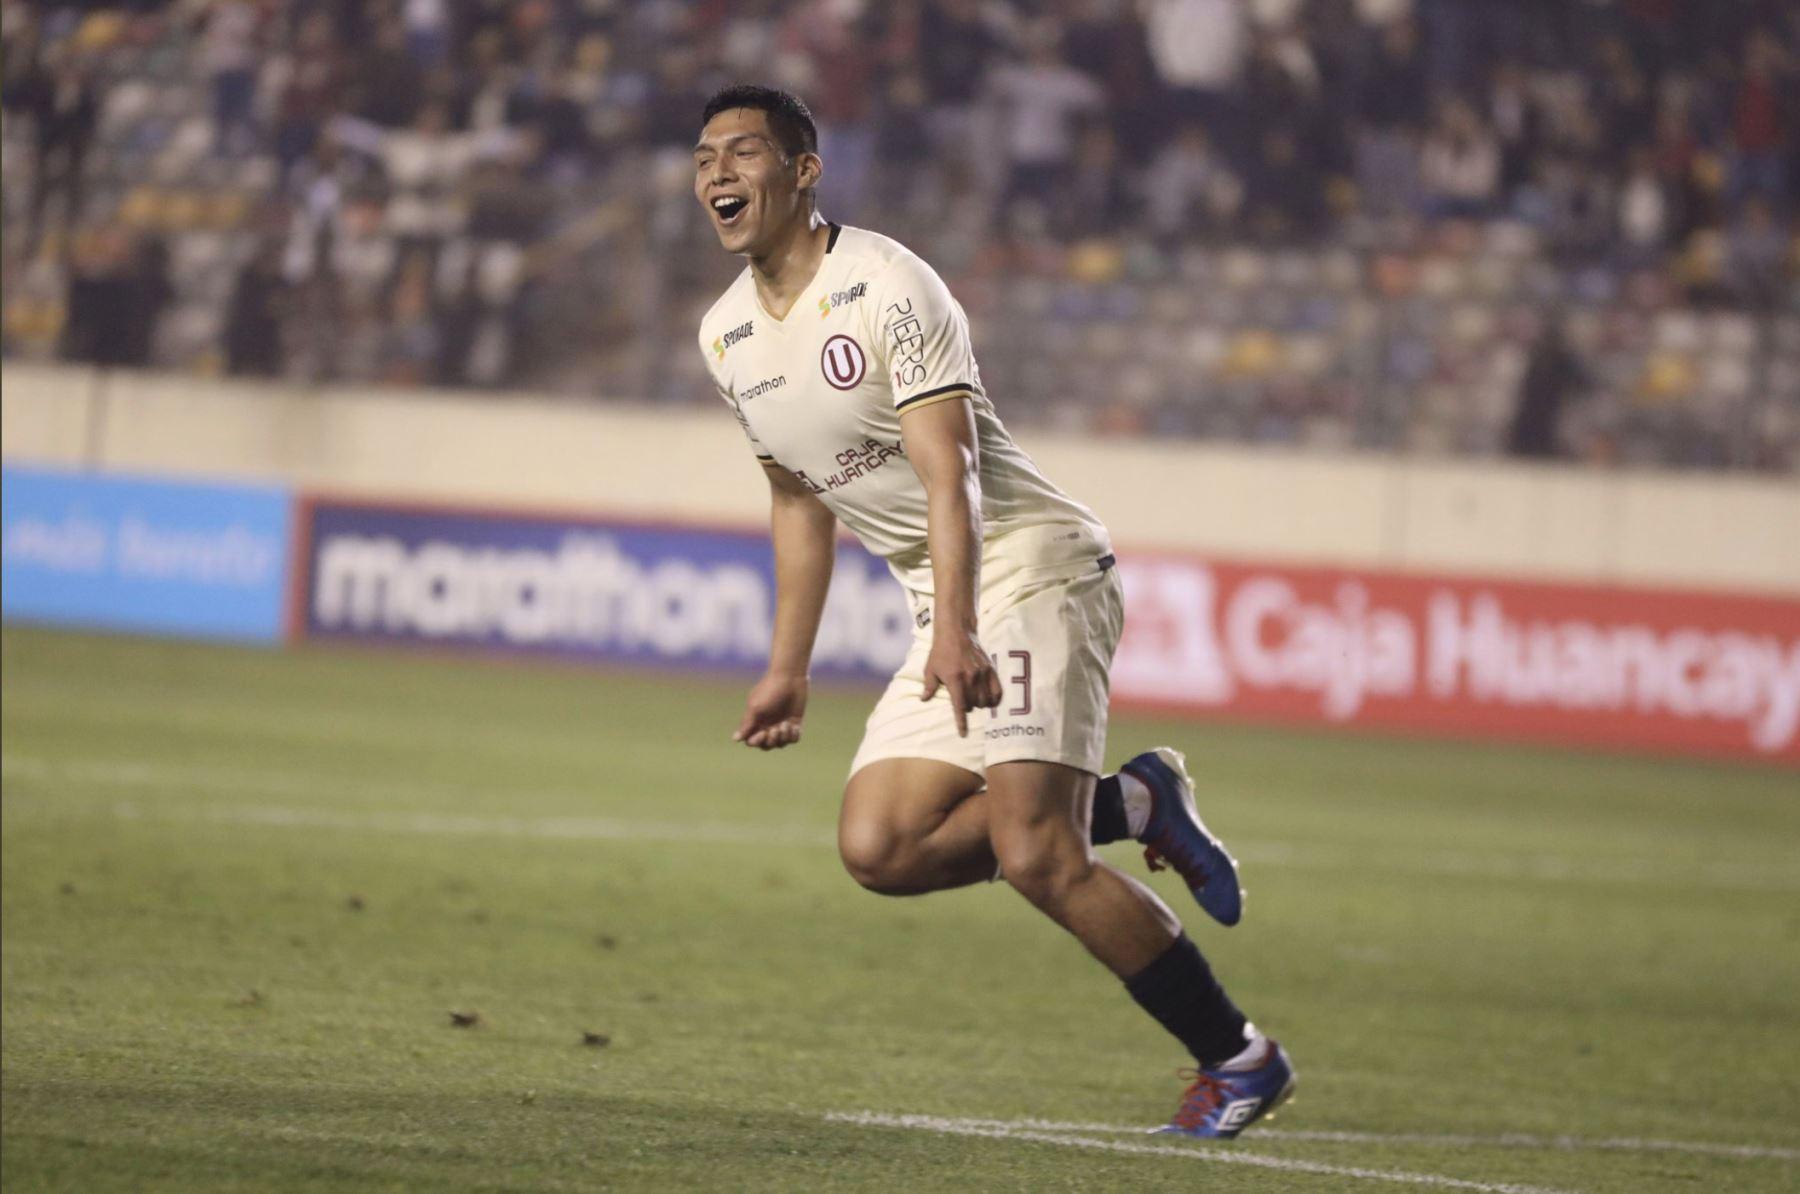 Gerson Barreto anota  el segundo gol y aumenta el marcador para Universitario y vence 2 - 0 al Binacional FC, en el  estadio Monumental. Foto:ANDINA/TWITER UNIVERSITARIO .